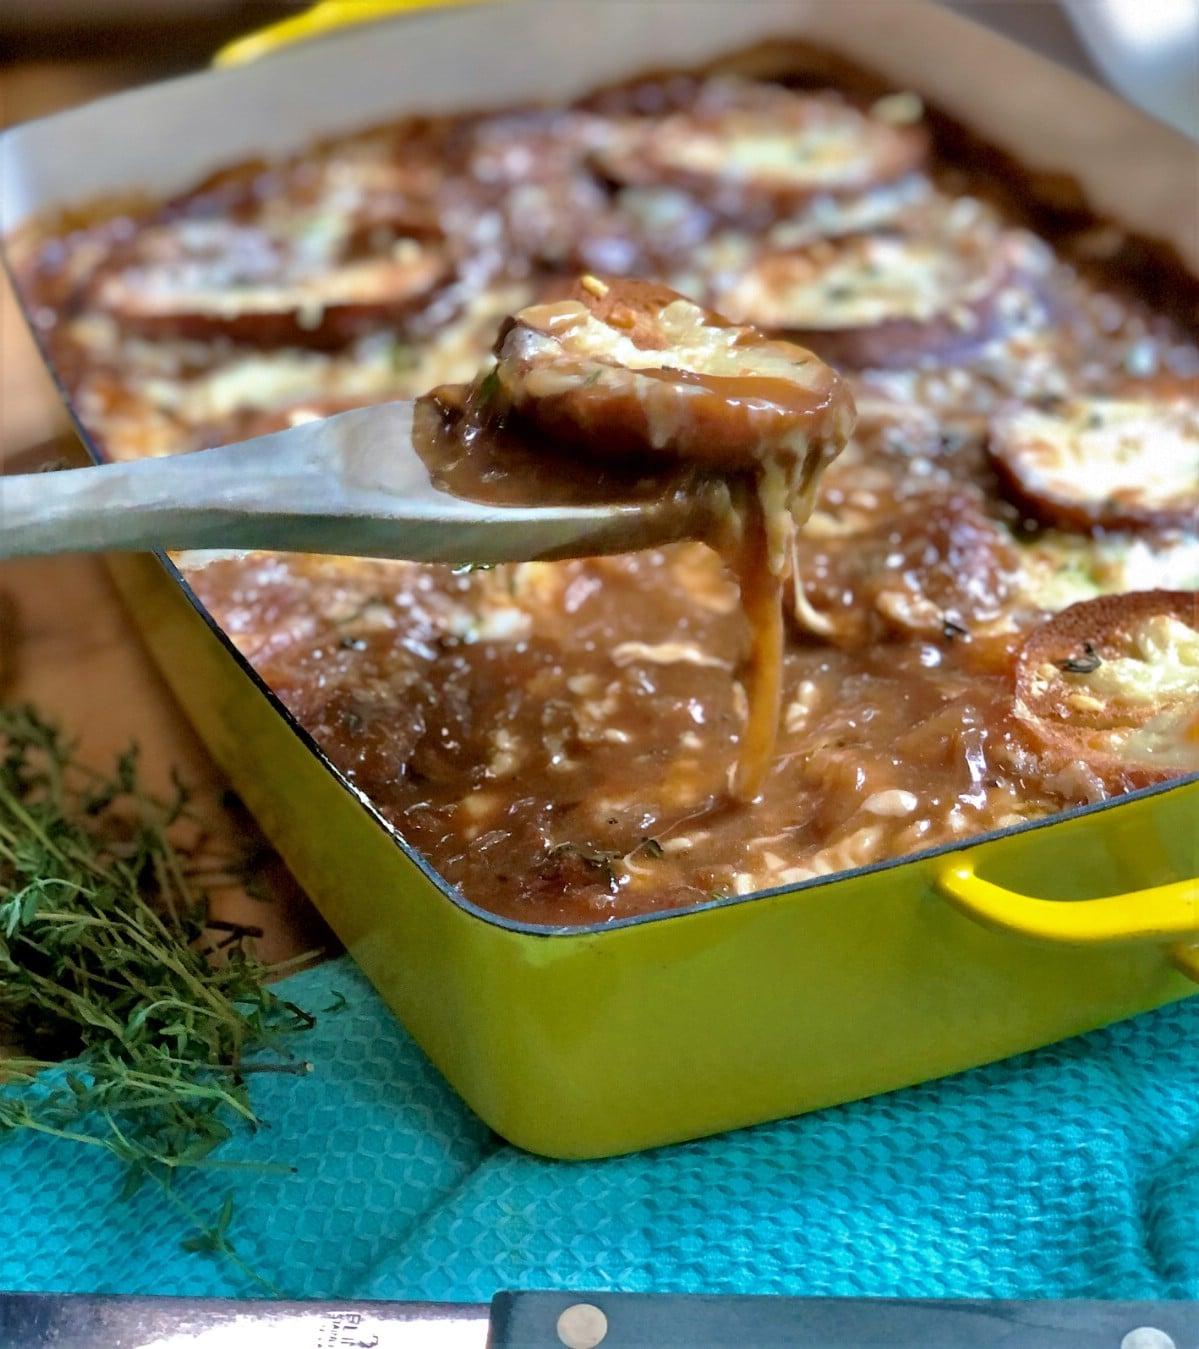 Wooden spoon dishing casserole